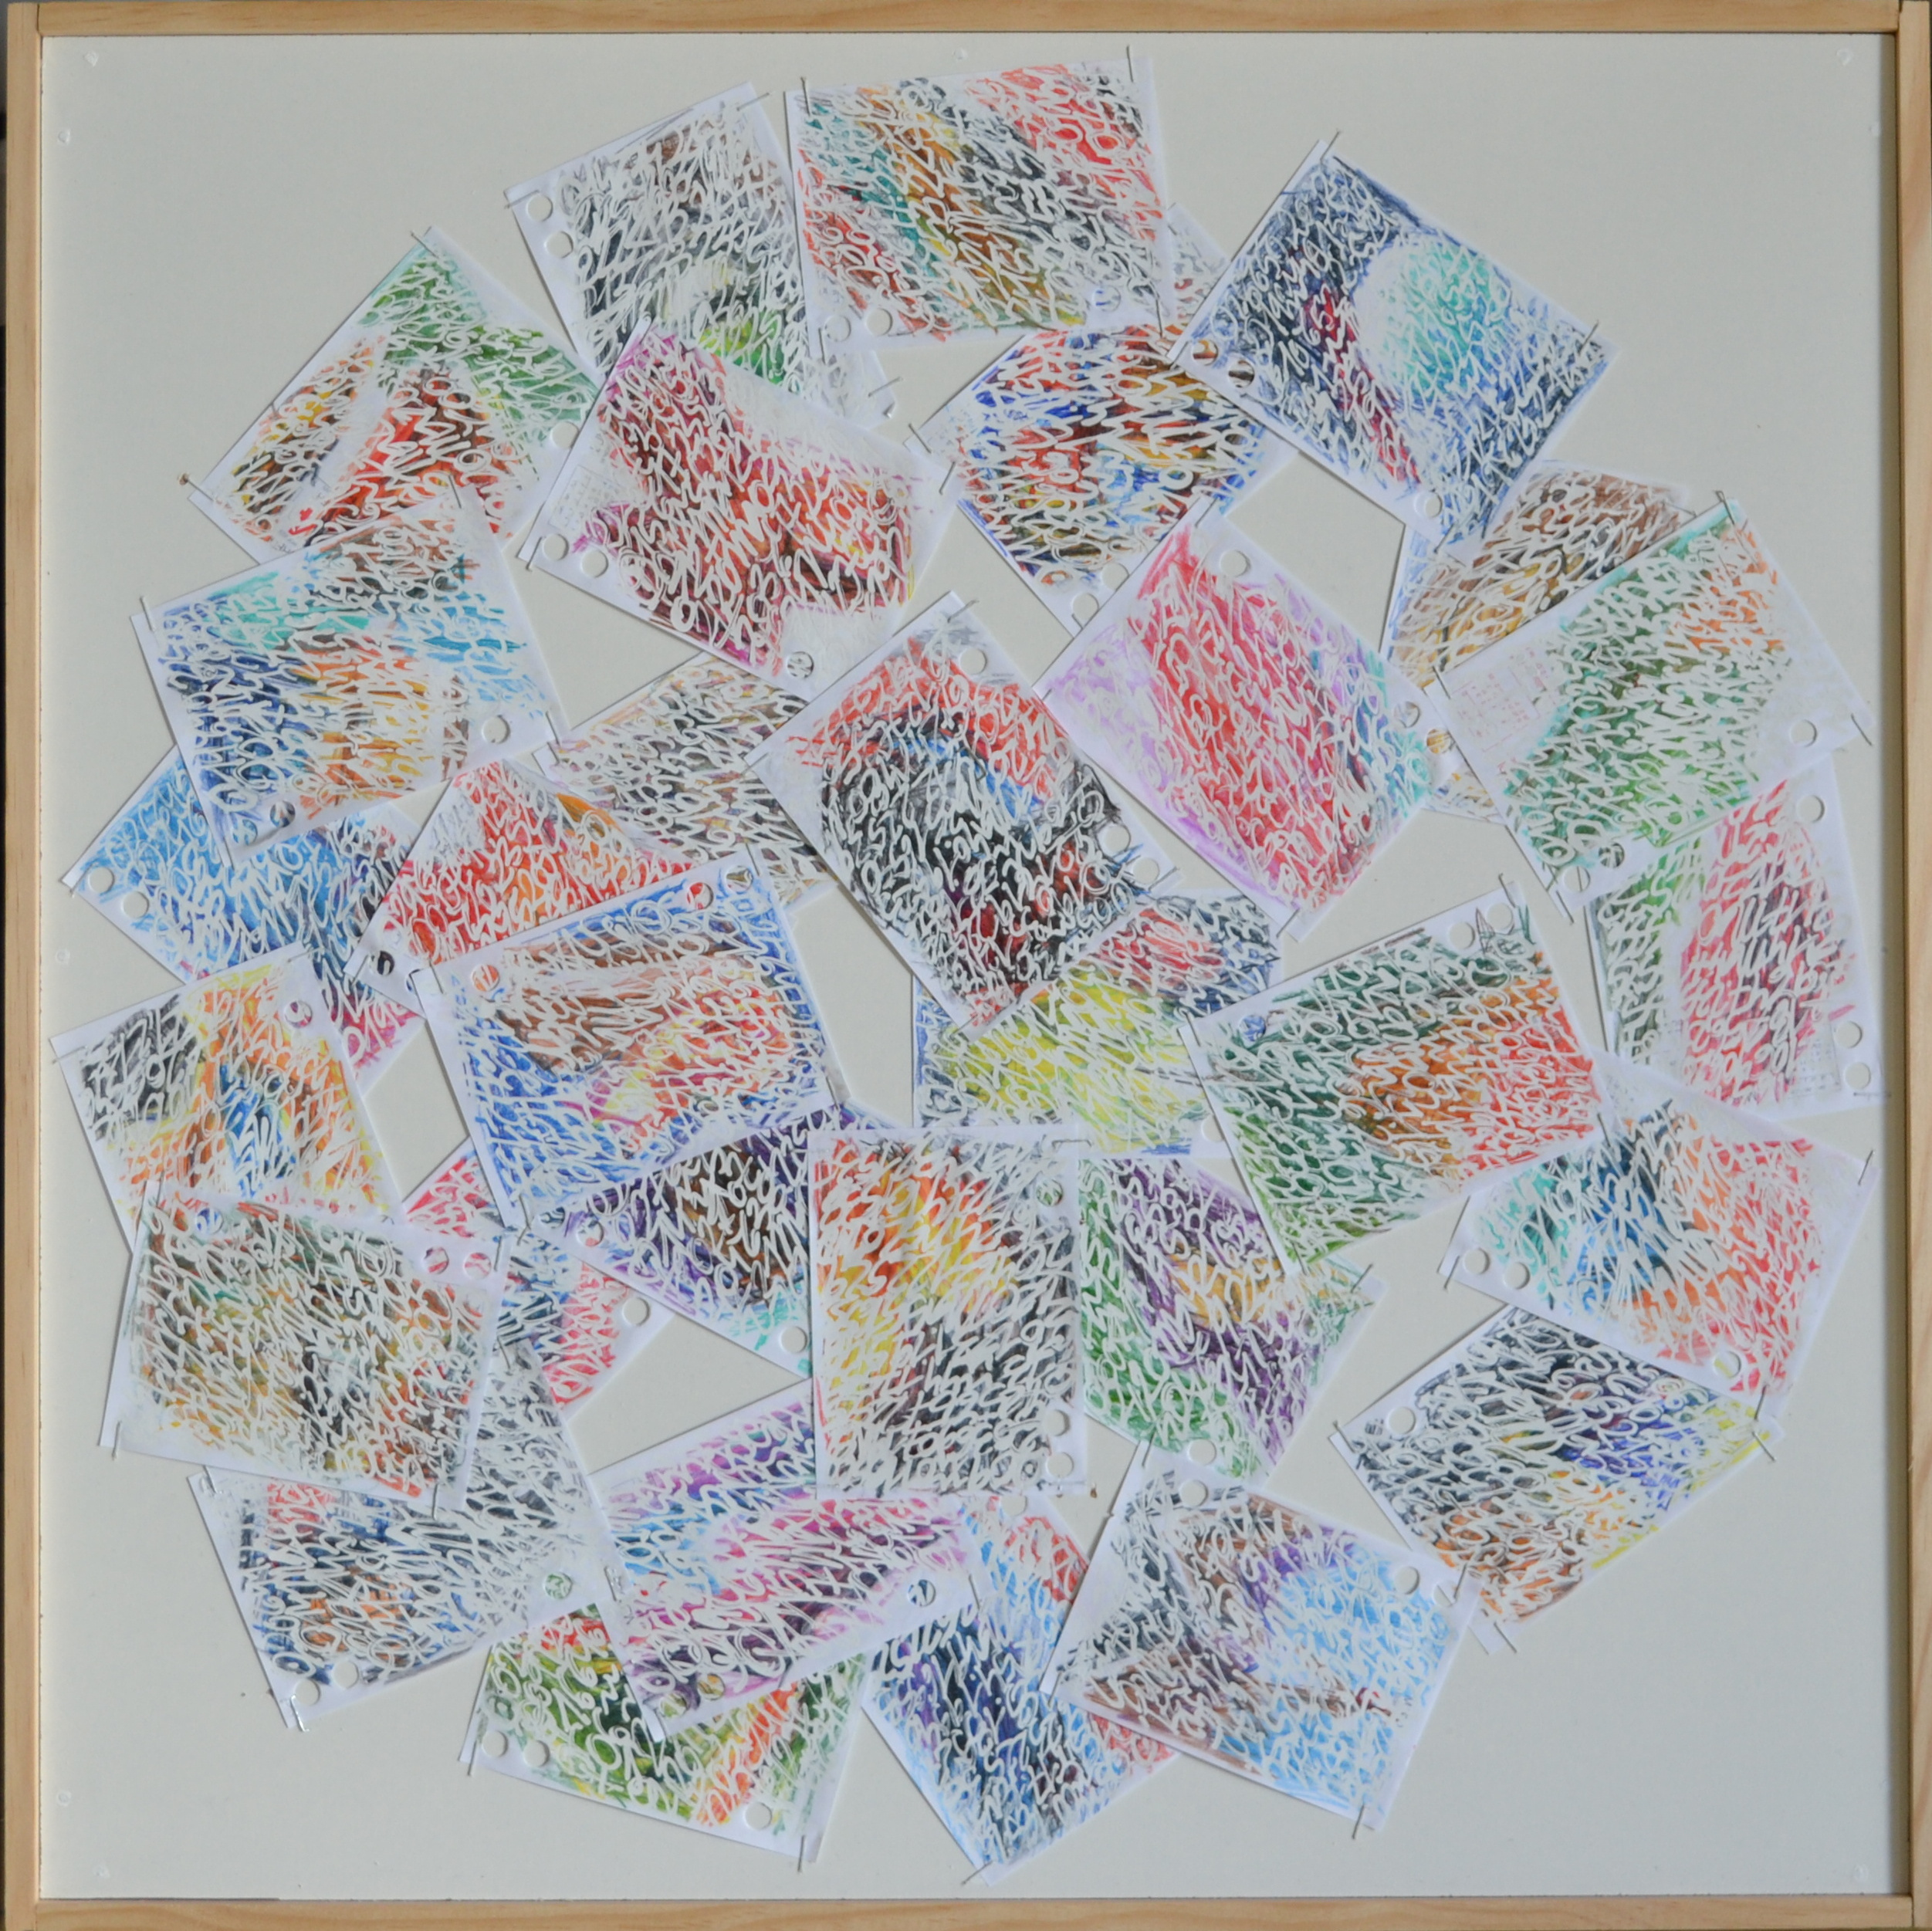 Mappemonde Ephéméride 2018, mois de Janvier, 1/12, crayons de couleur et stylo correcteur sur papiers agrafés sur bois, 59 x 59 cm.